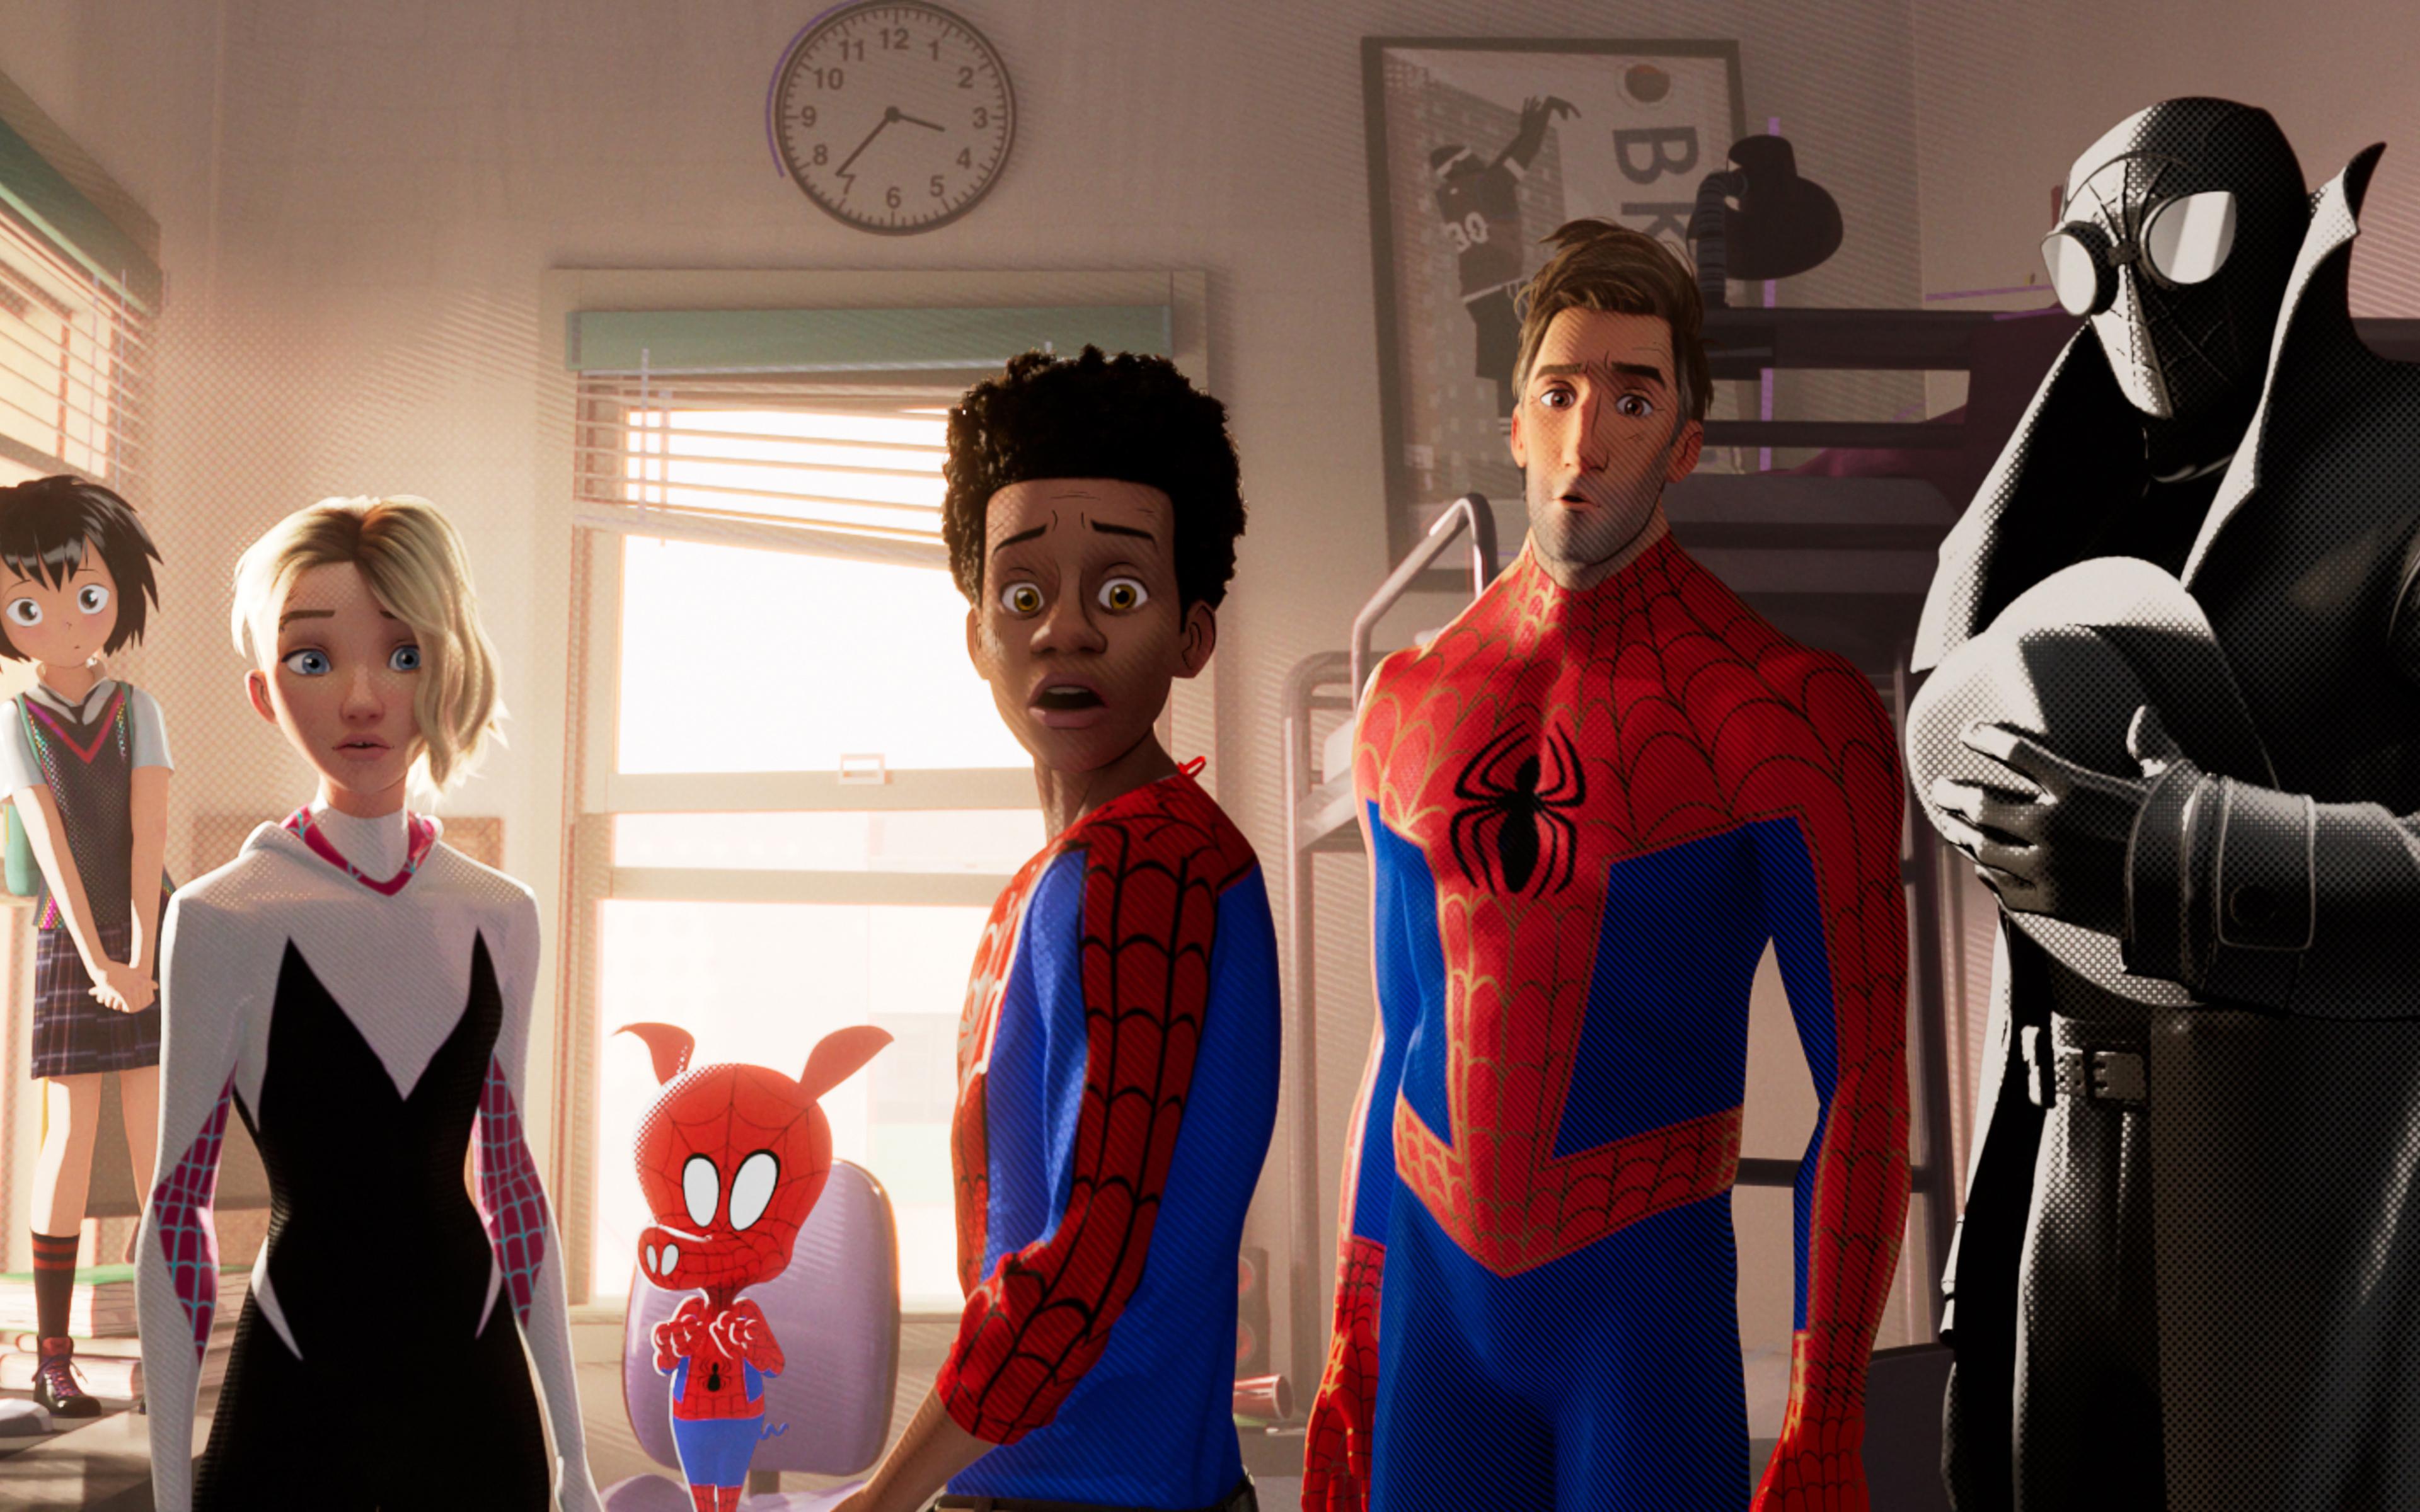 spider-man-into-the-spider-verse-new-2018-un.jpg